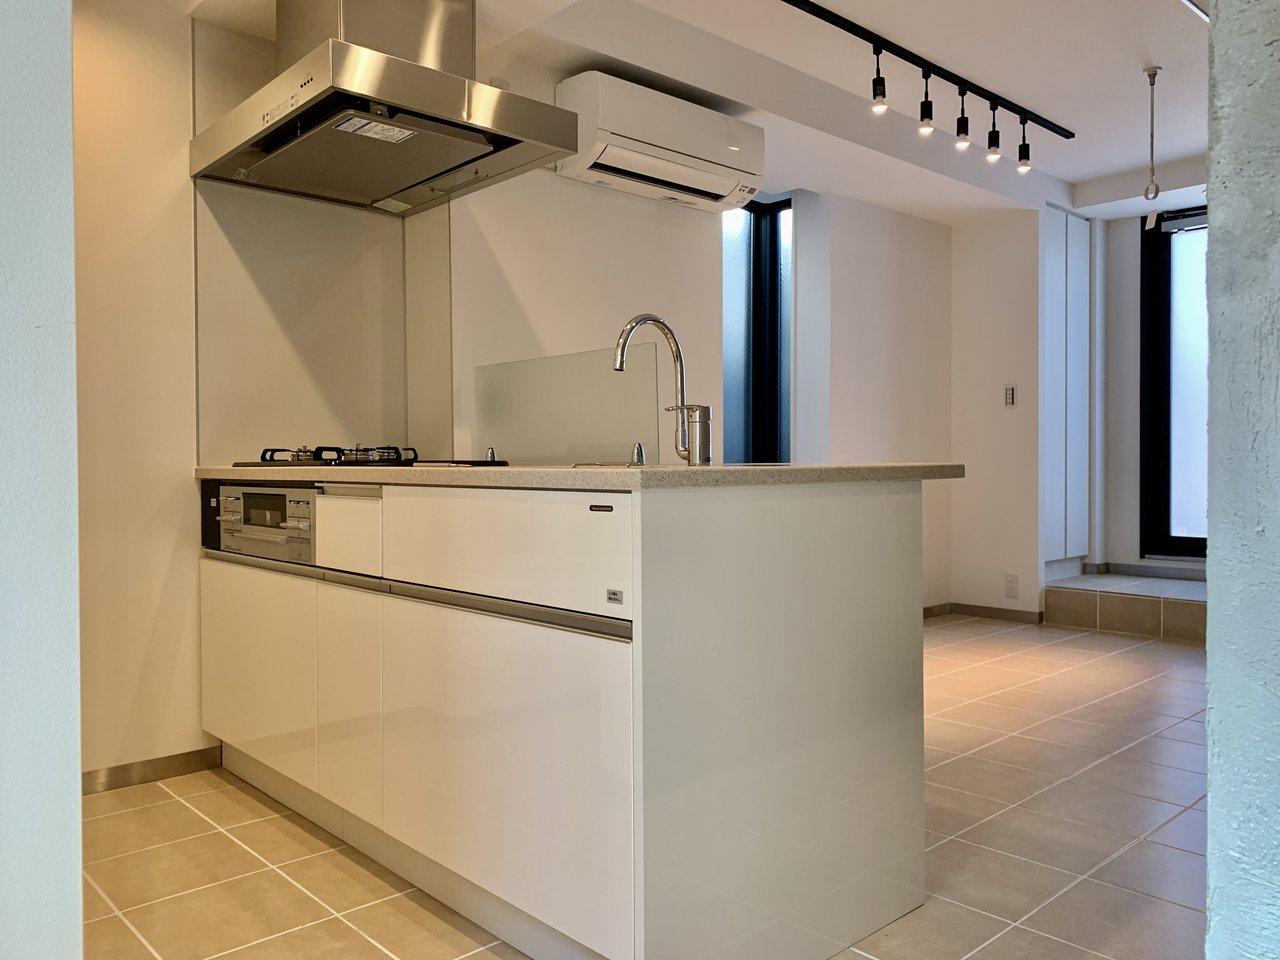 1階部分は玄関、キッチンやバスルームなどの水回りがすべて整っています。ここで食事をしたり、家事をしたり。